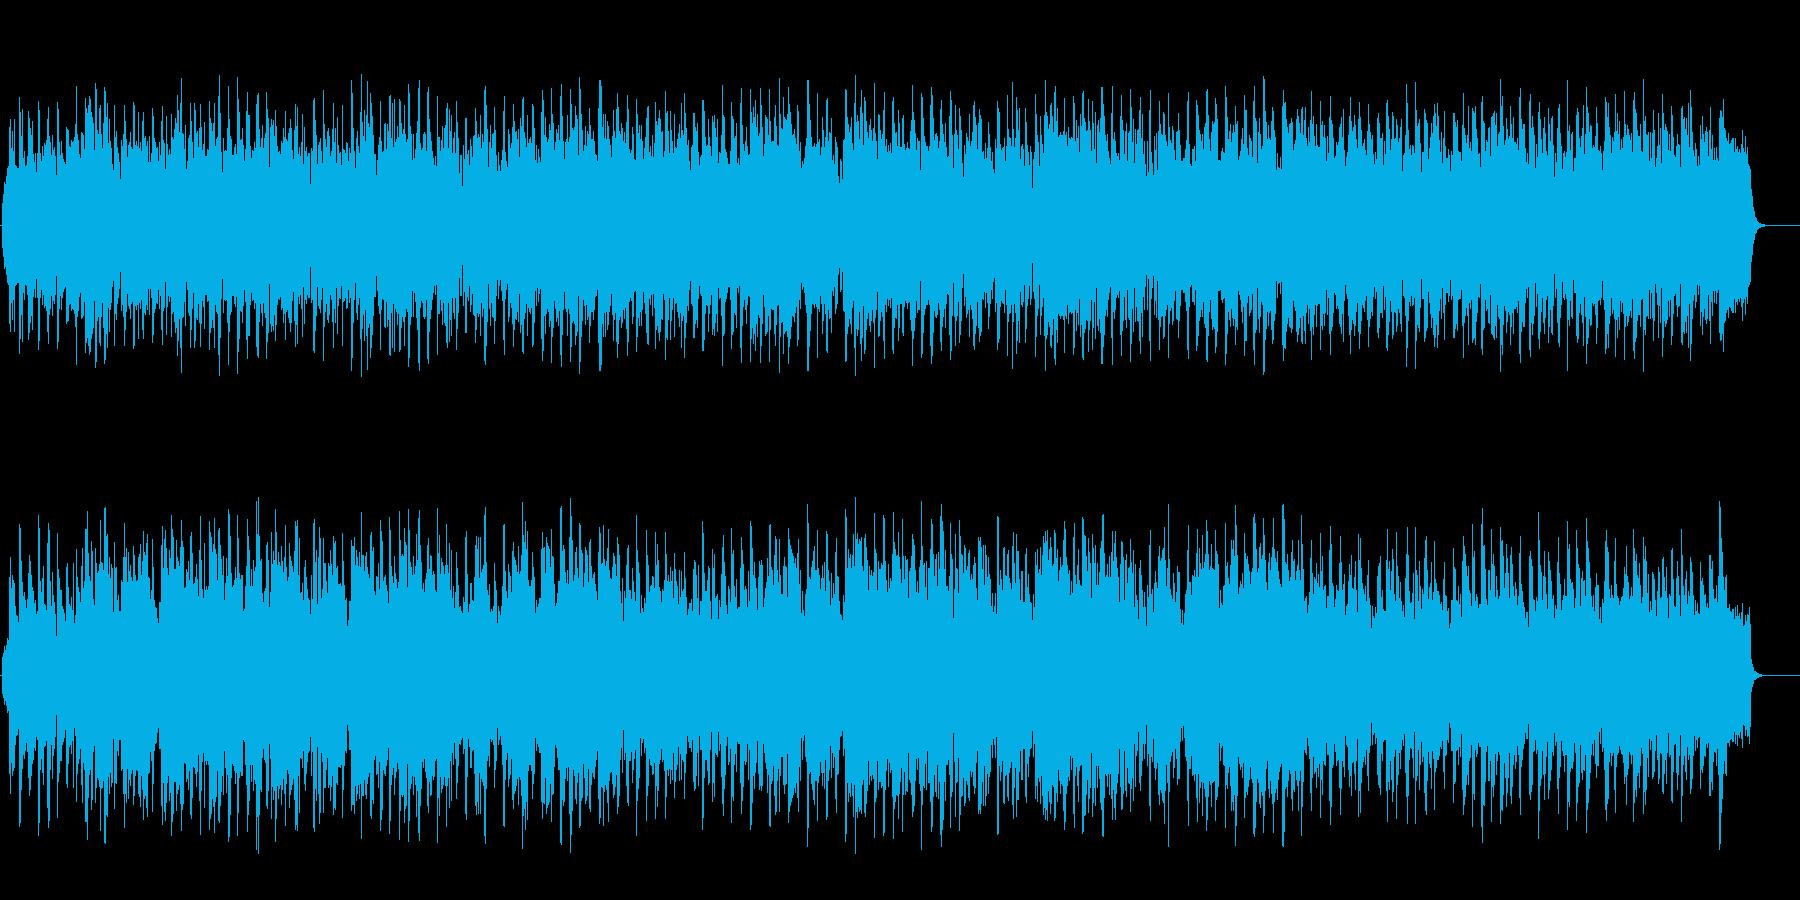 穏やかなセミクラ風ポップ(フルサイズ)の再生済みの波形